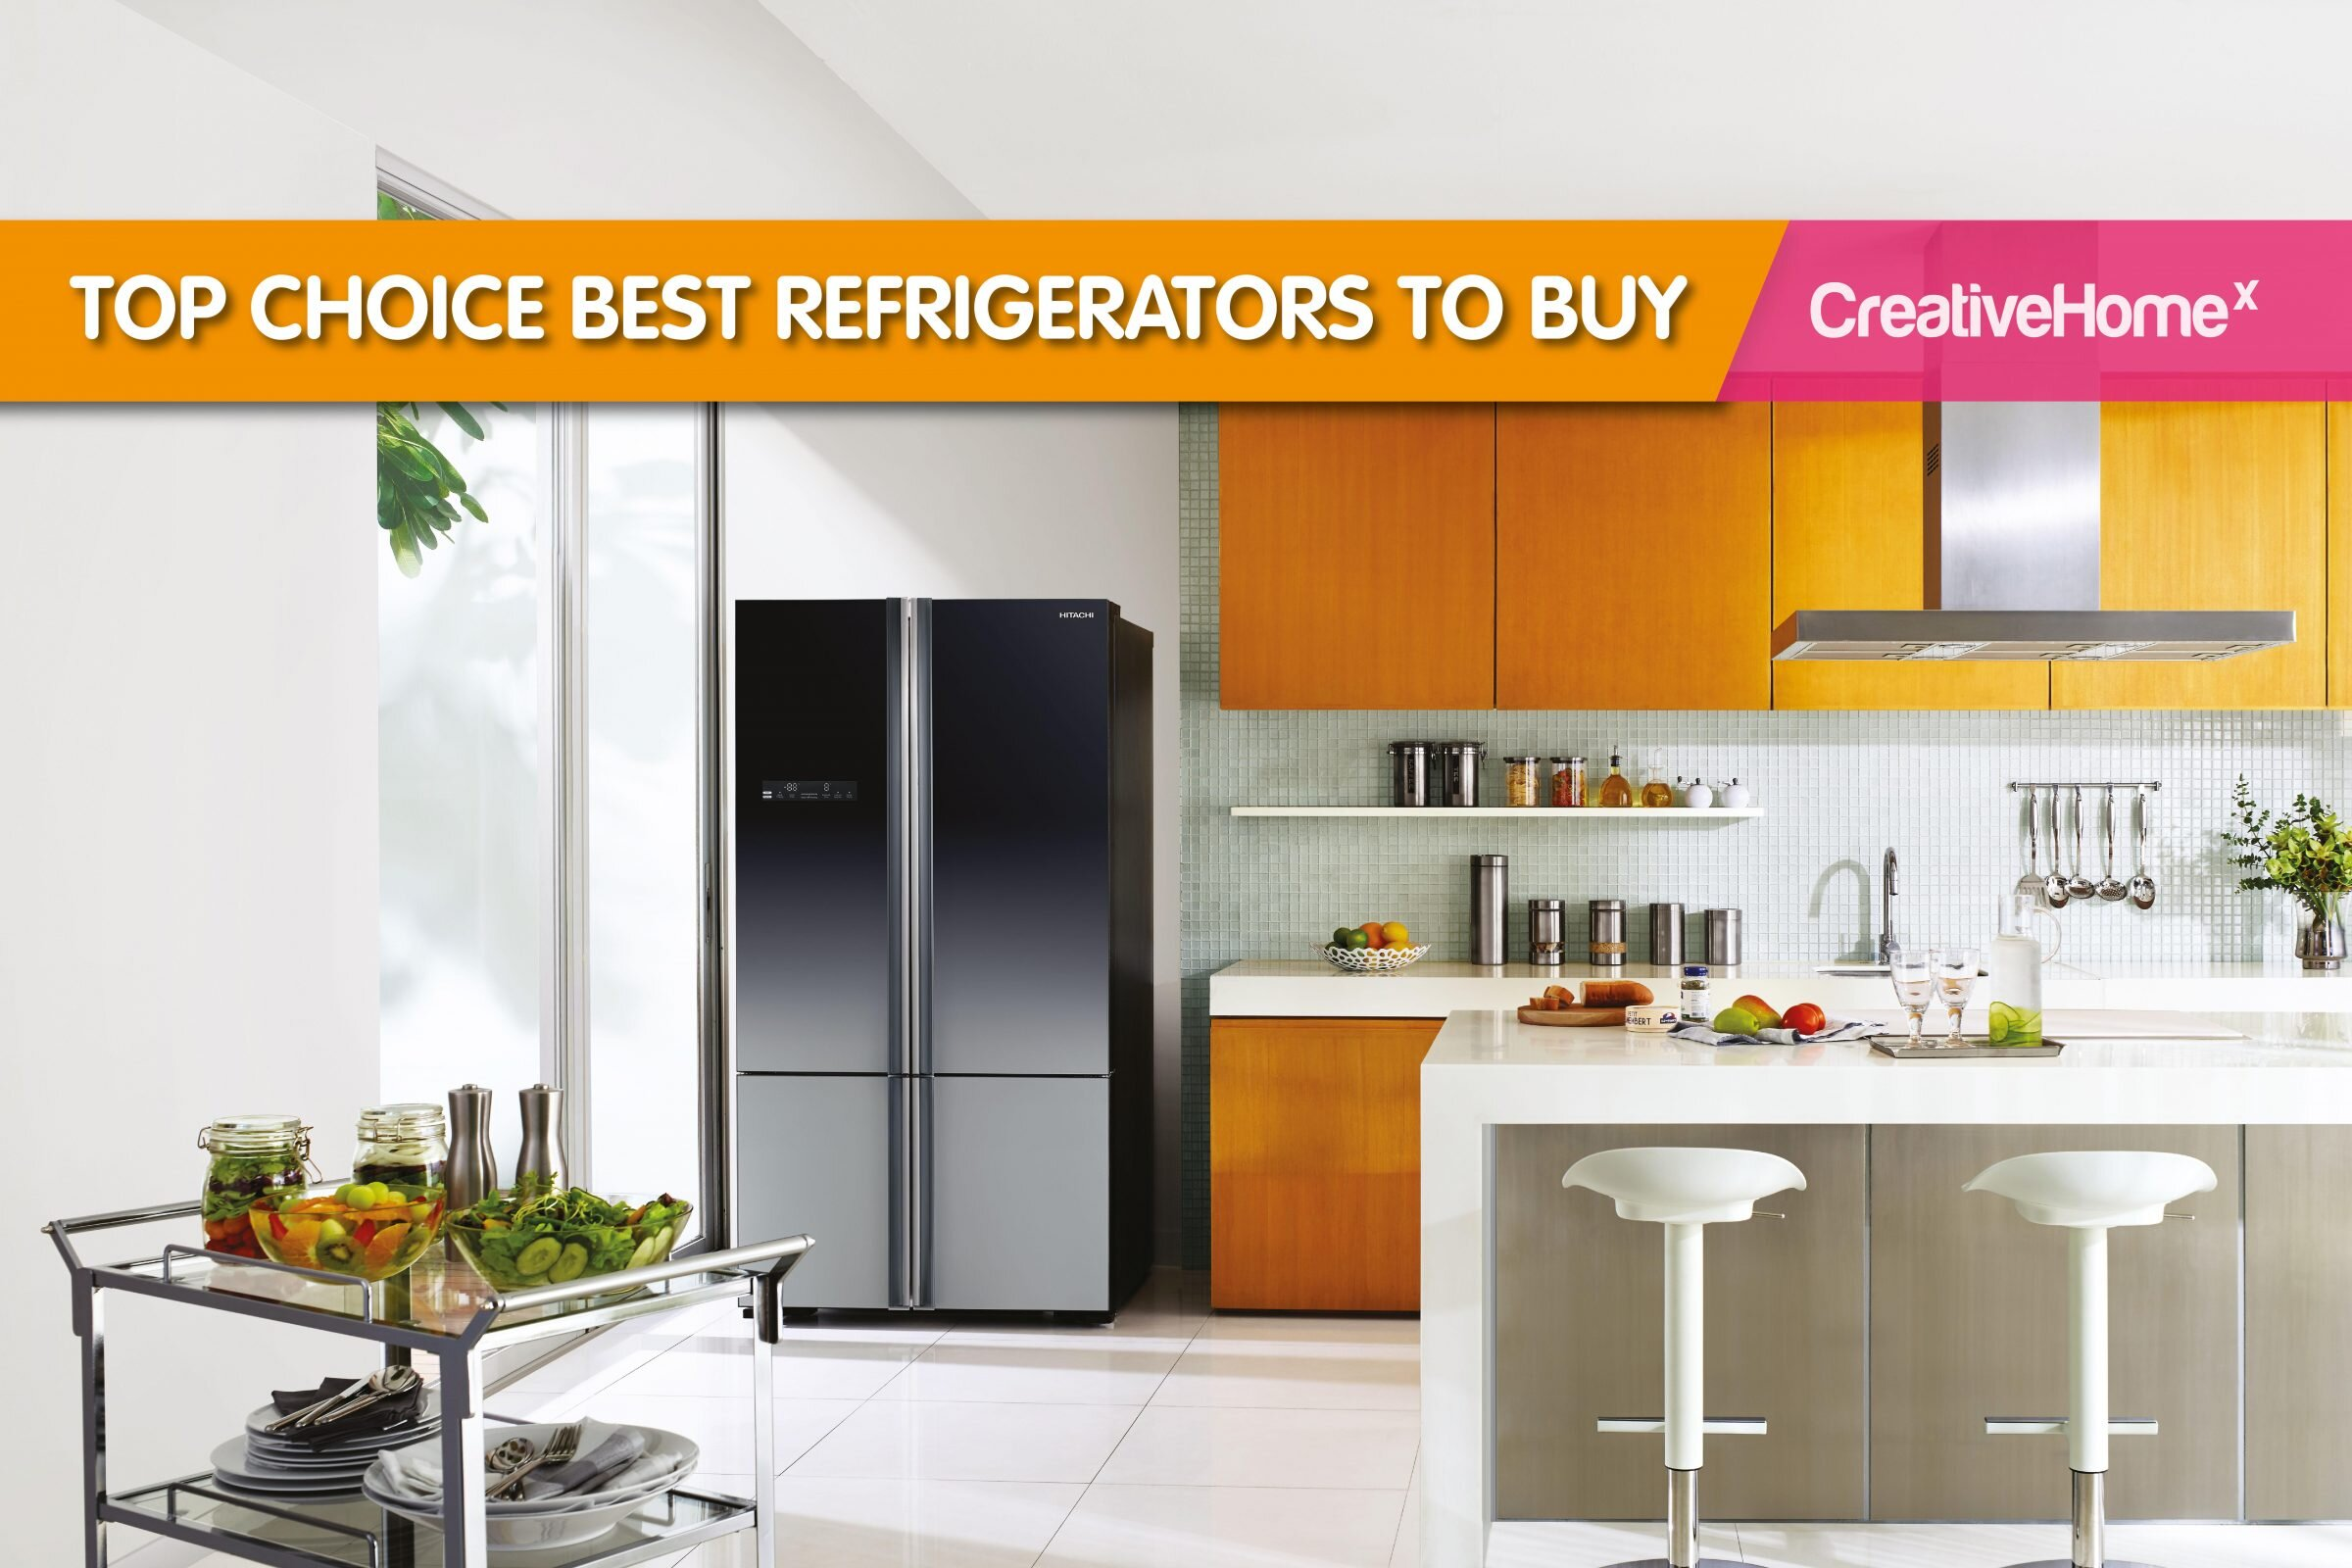 Hitachi là lựa chọn hàng đầu cho câu hỏi nên mua tủ lạnh của hãng nào